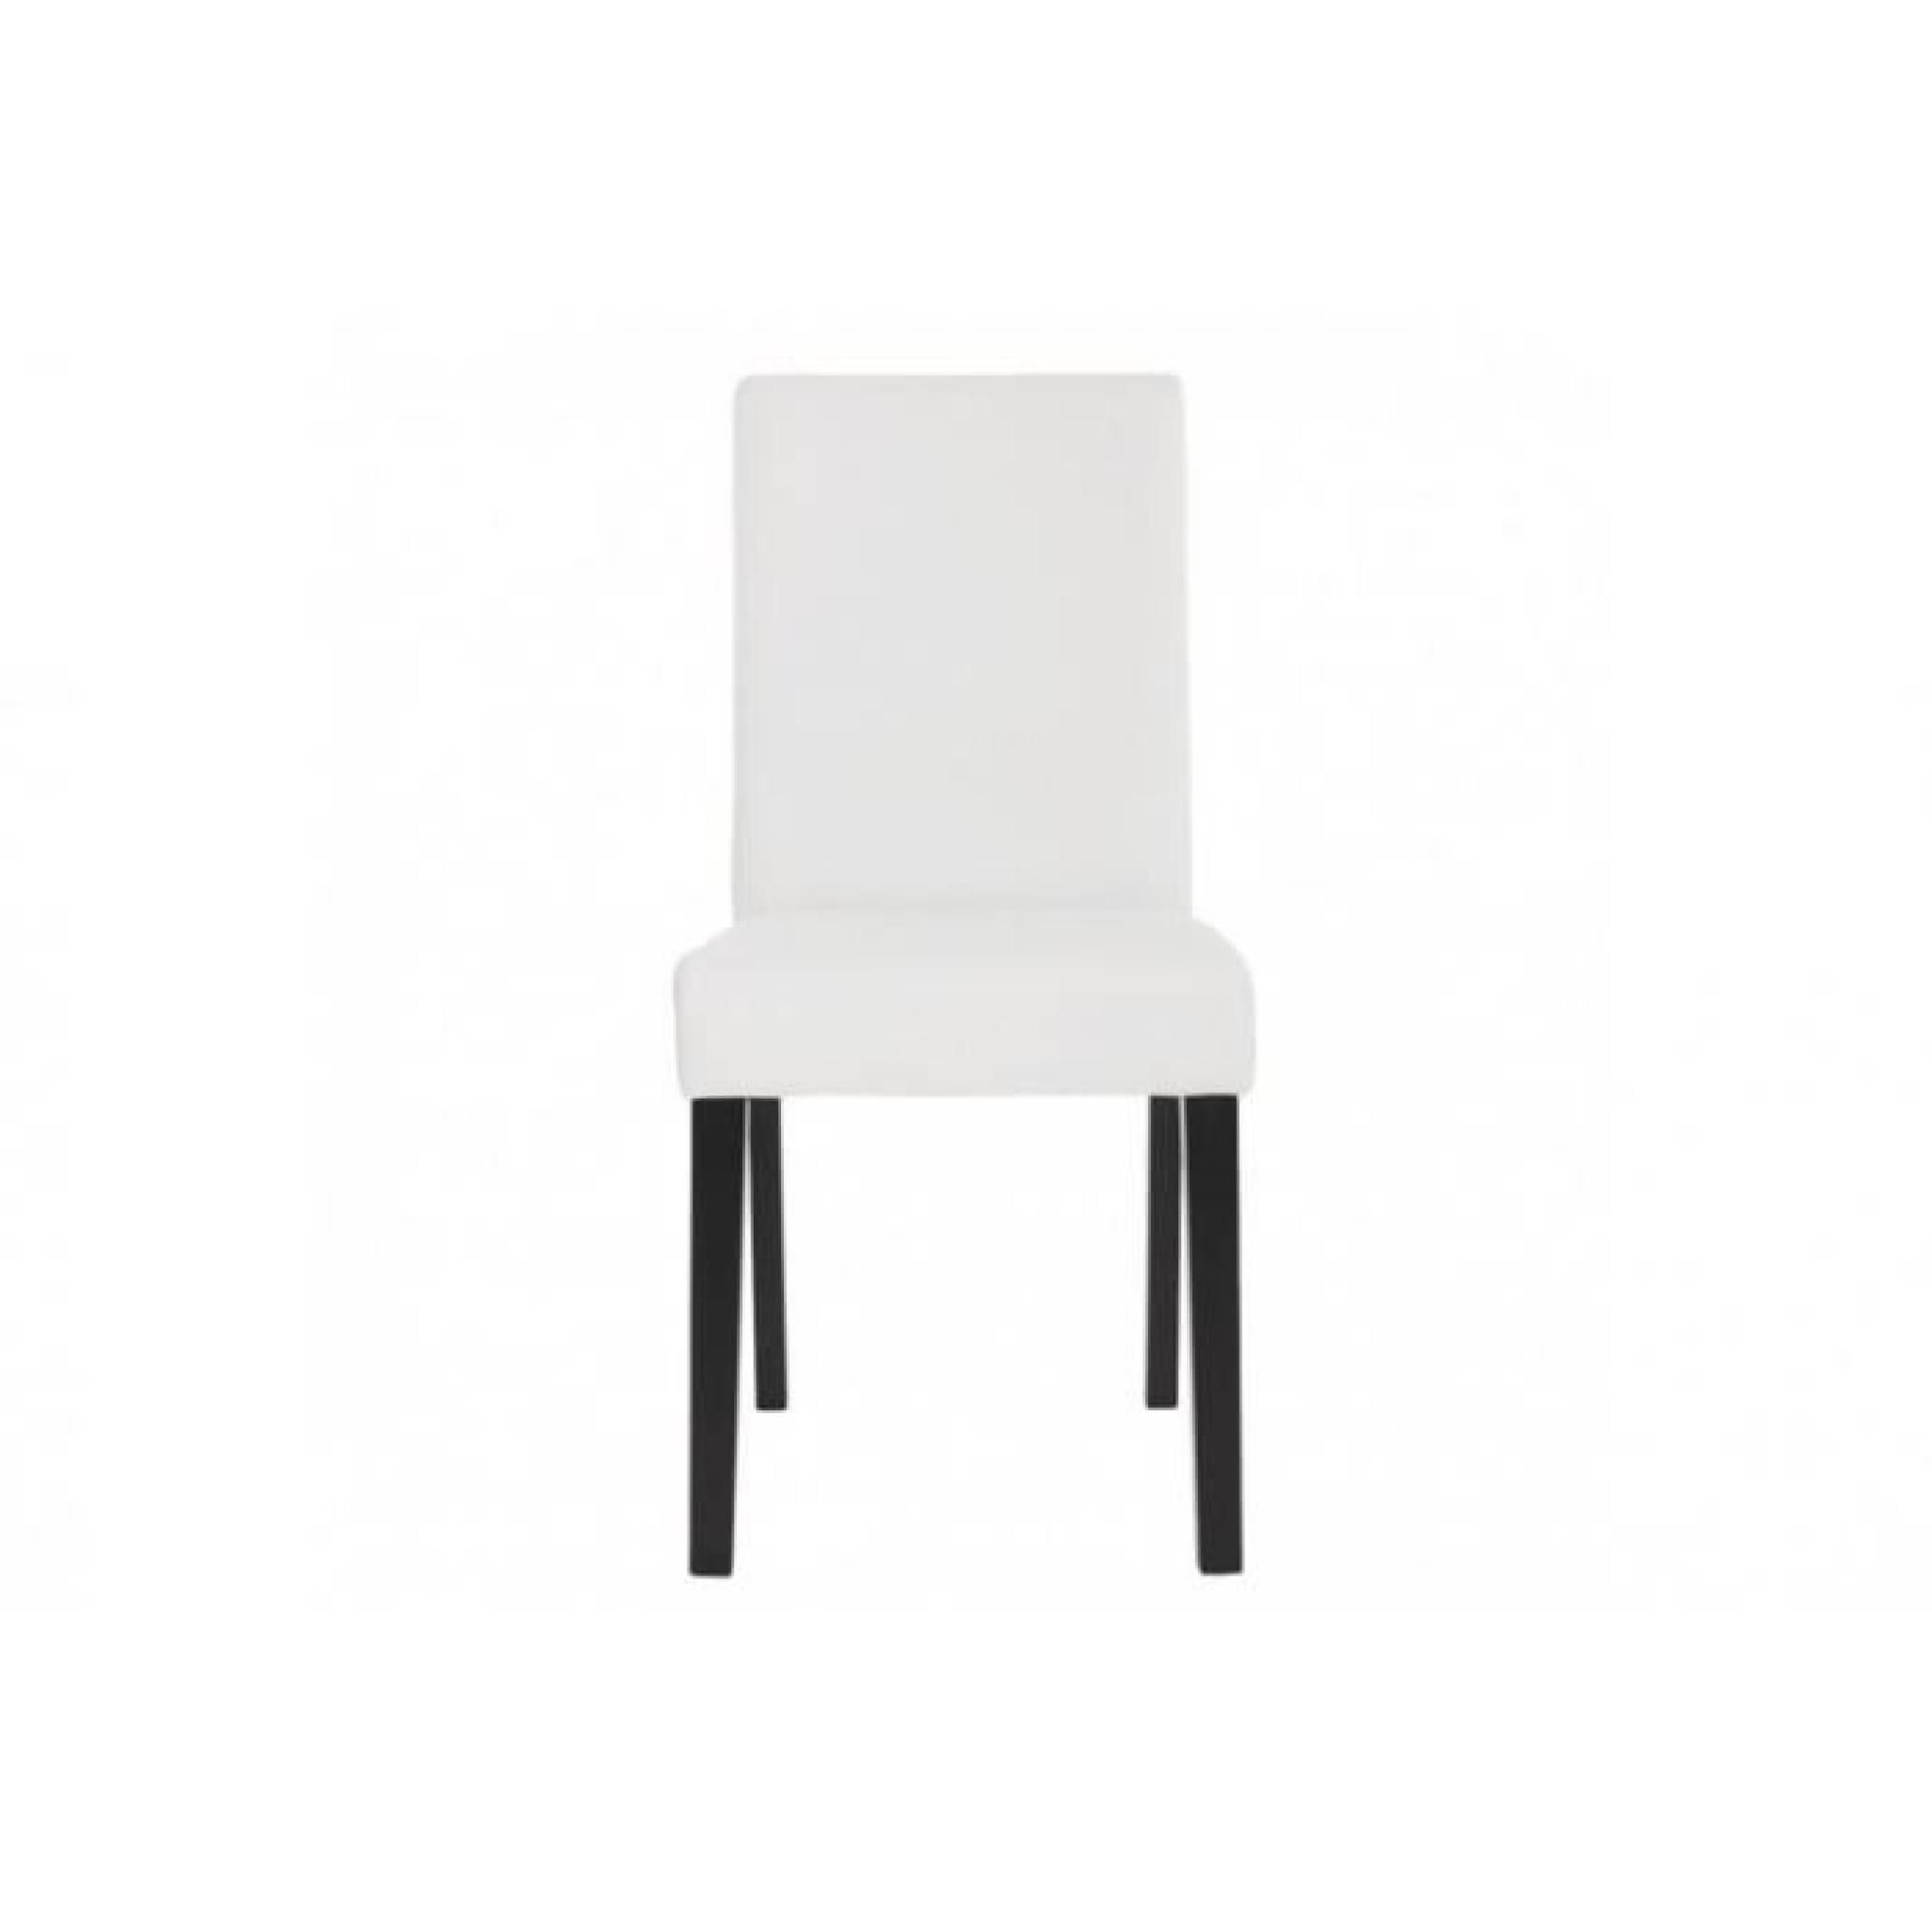 Lot de 4 chaises de salle à manger simili cuir blanc mat pieds foncés CDS04137